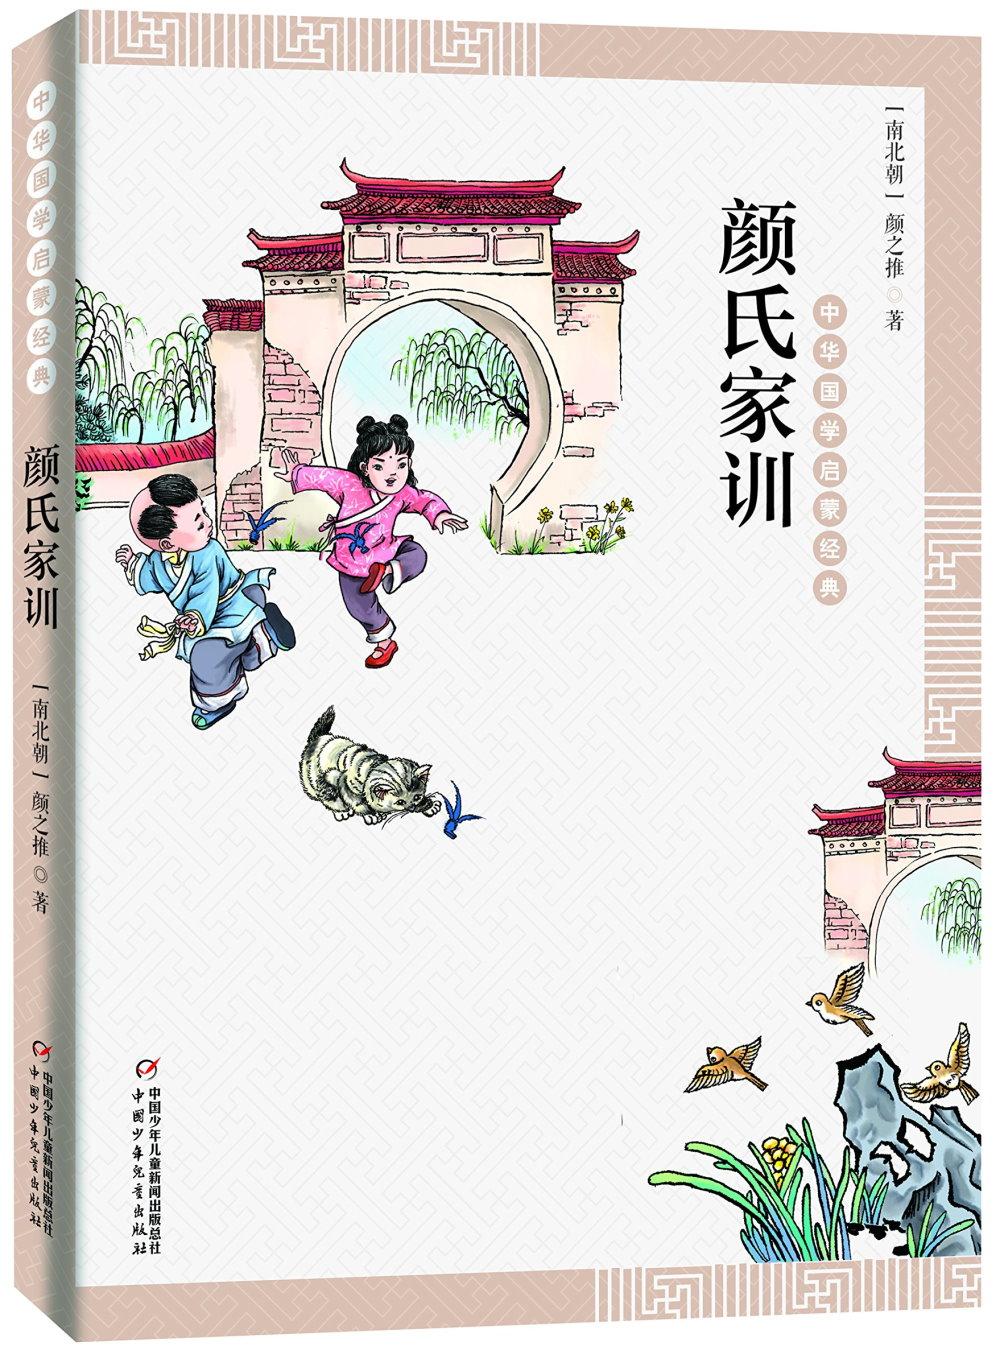 中華國學啟蒙經典:顏氏家訓